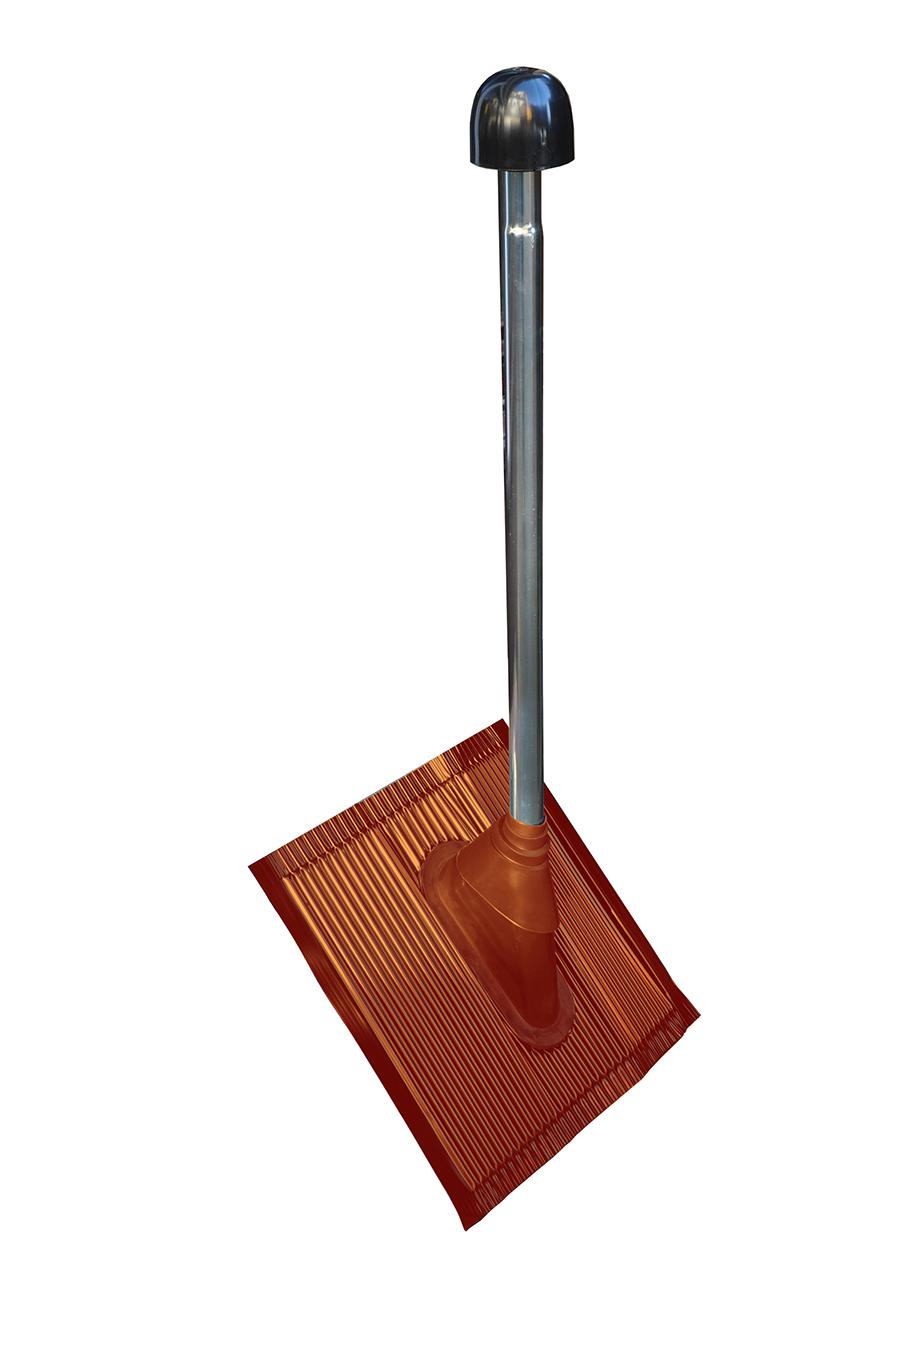 Zestaw uszczelniający dach z korkiem - ceglasty